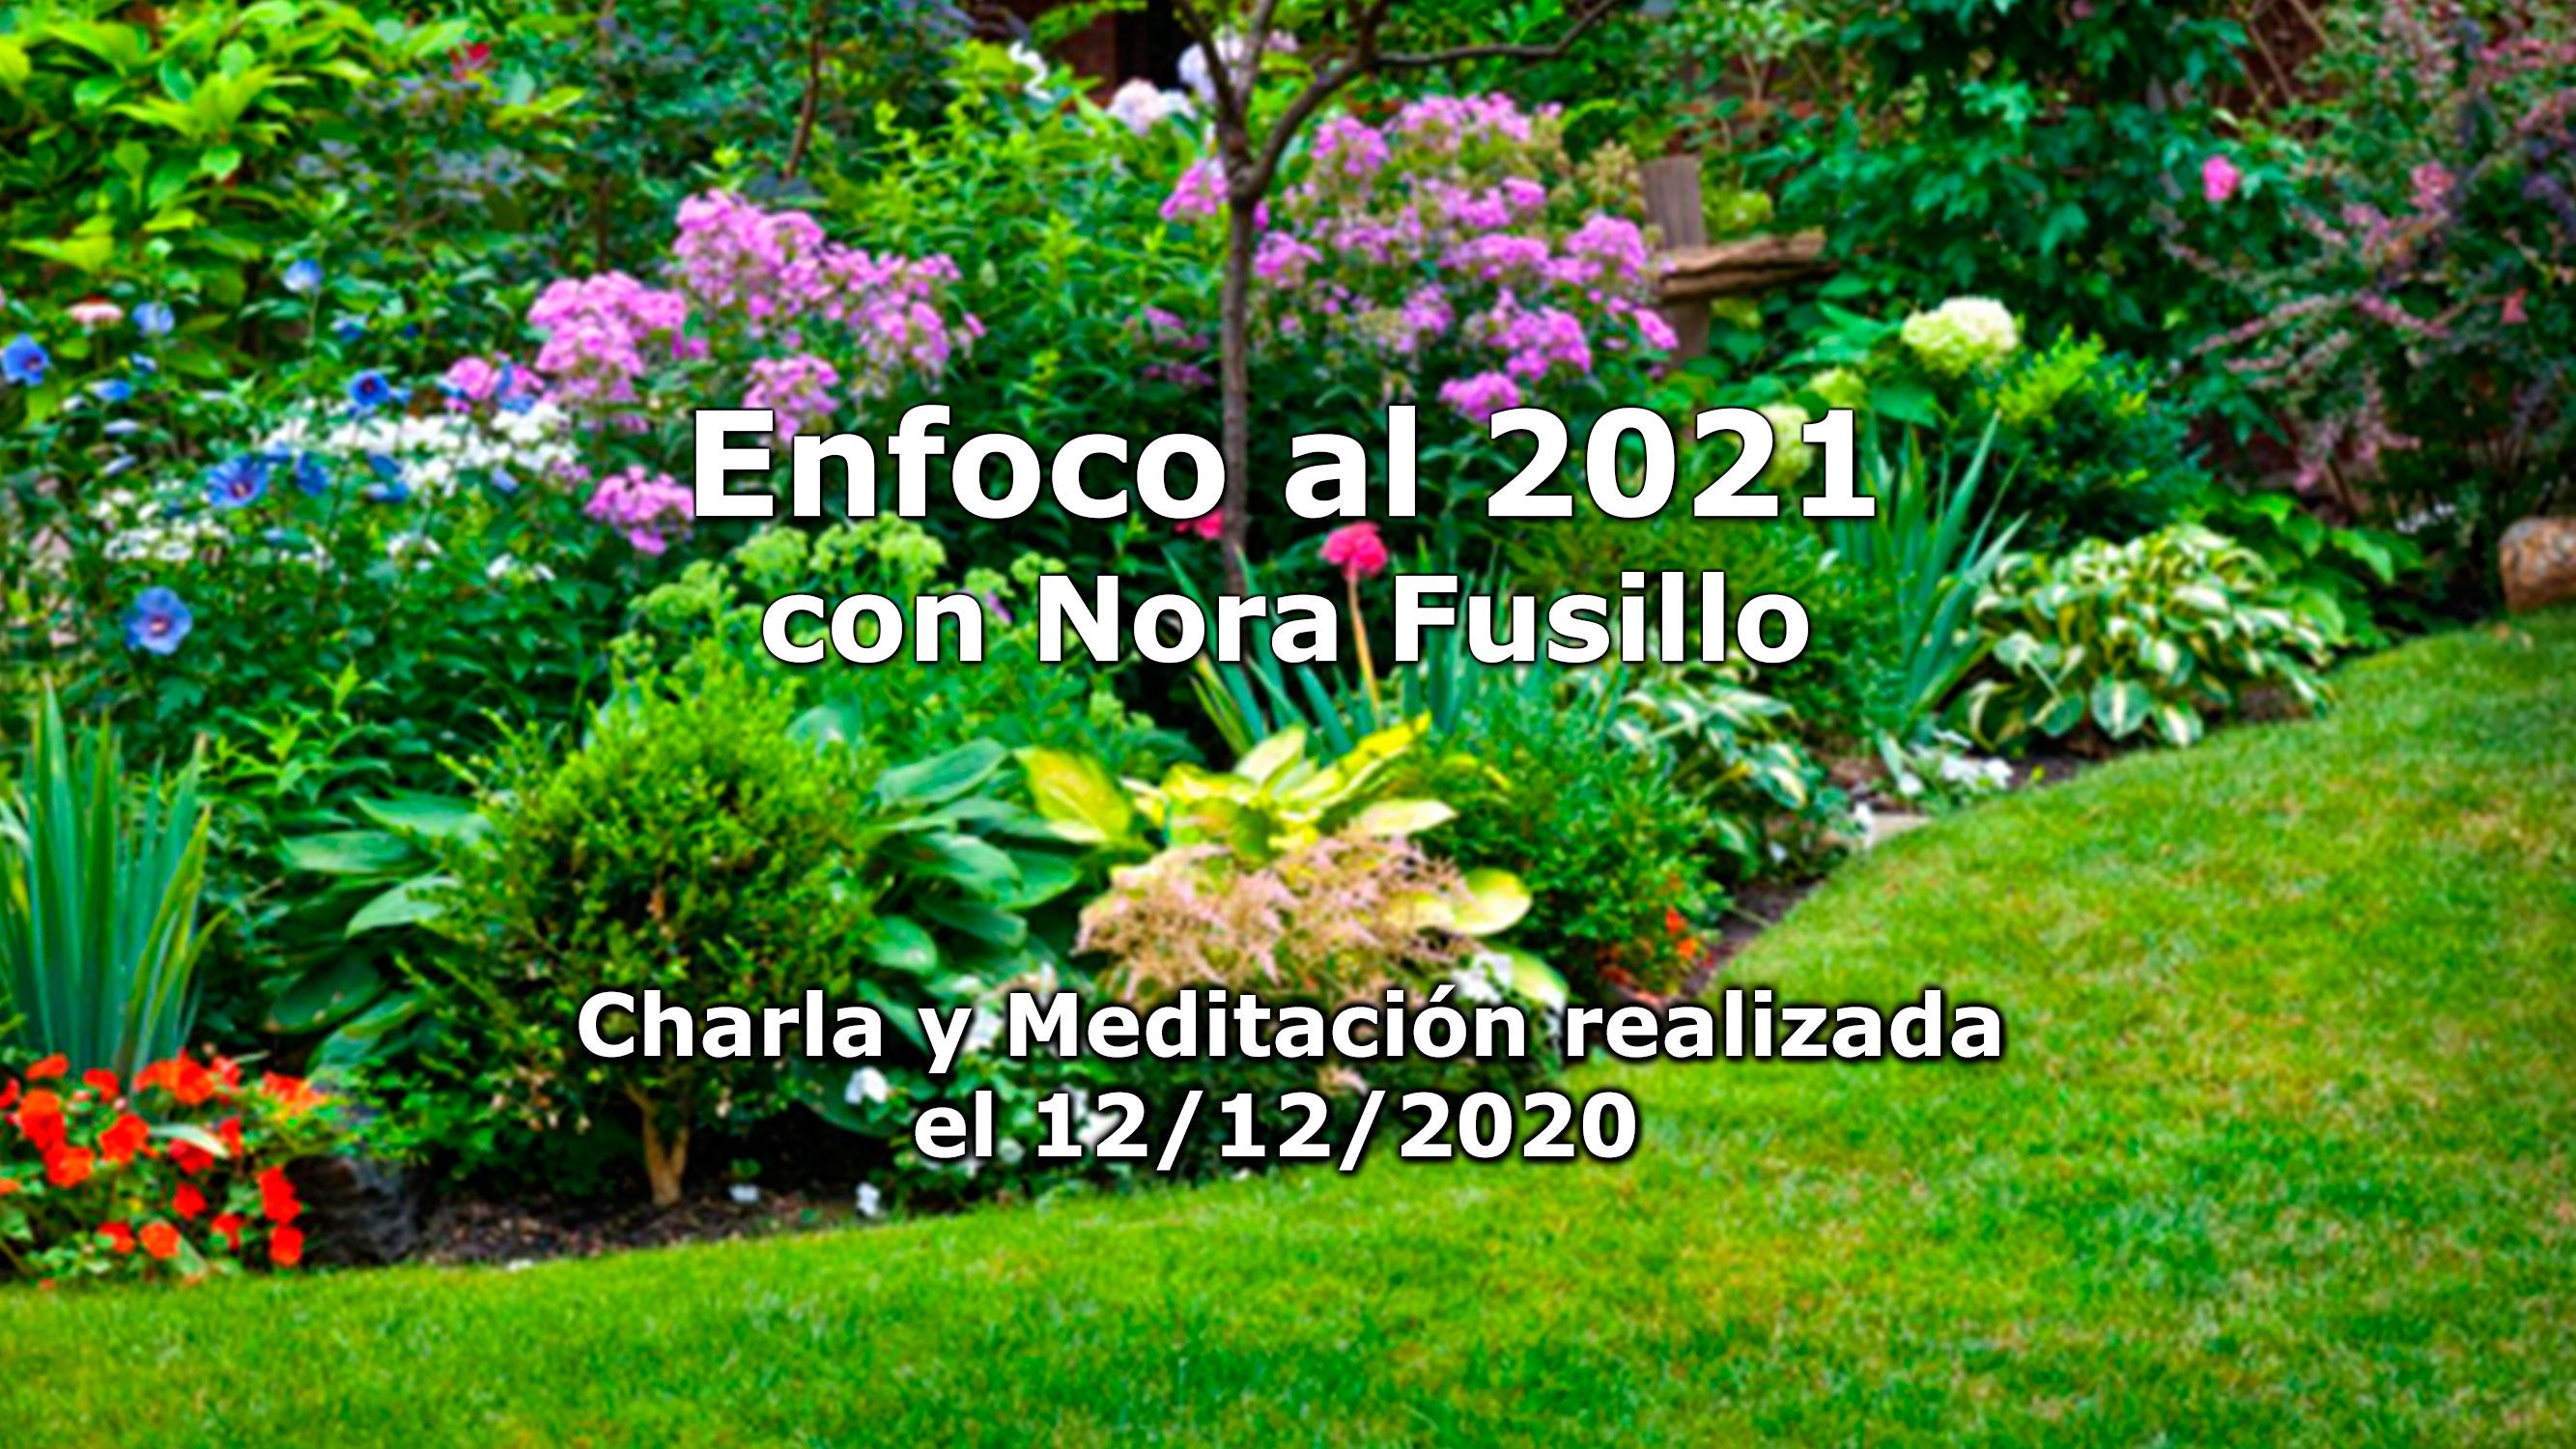 ENFOCO 2021: Charla y meditación